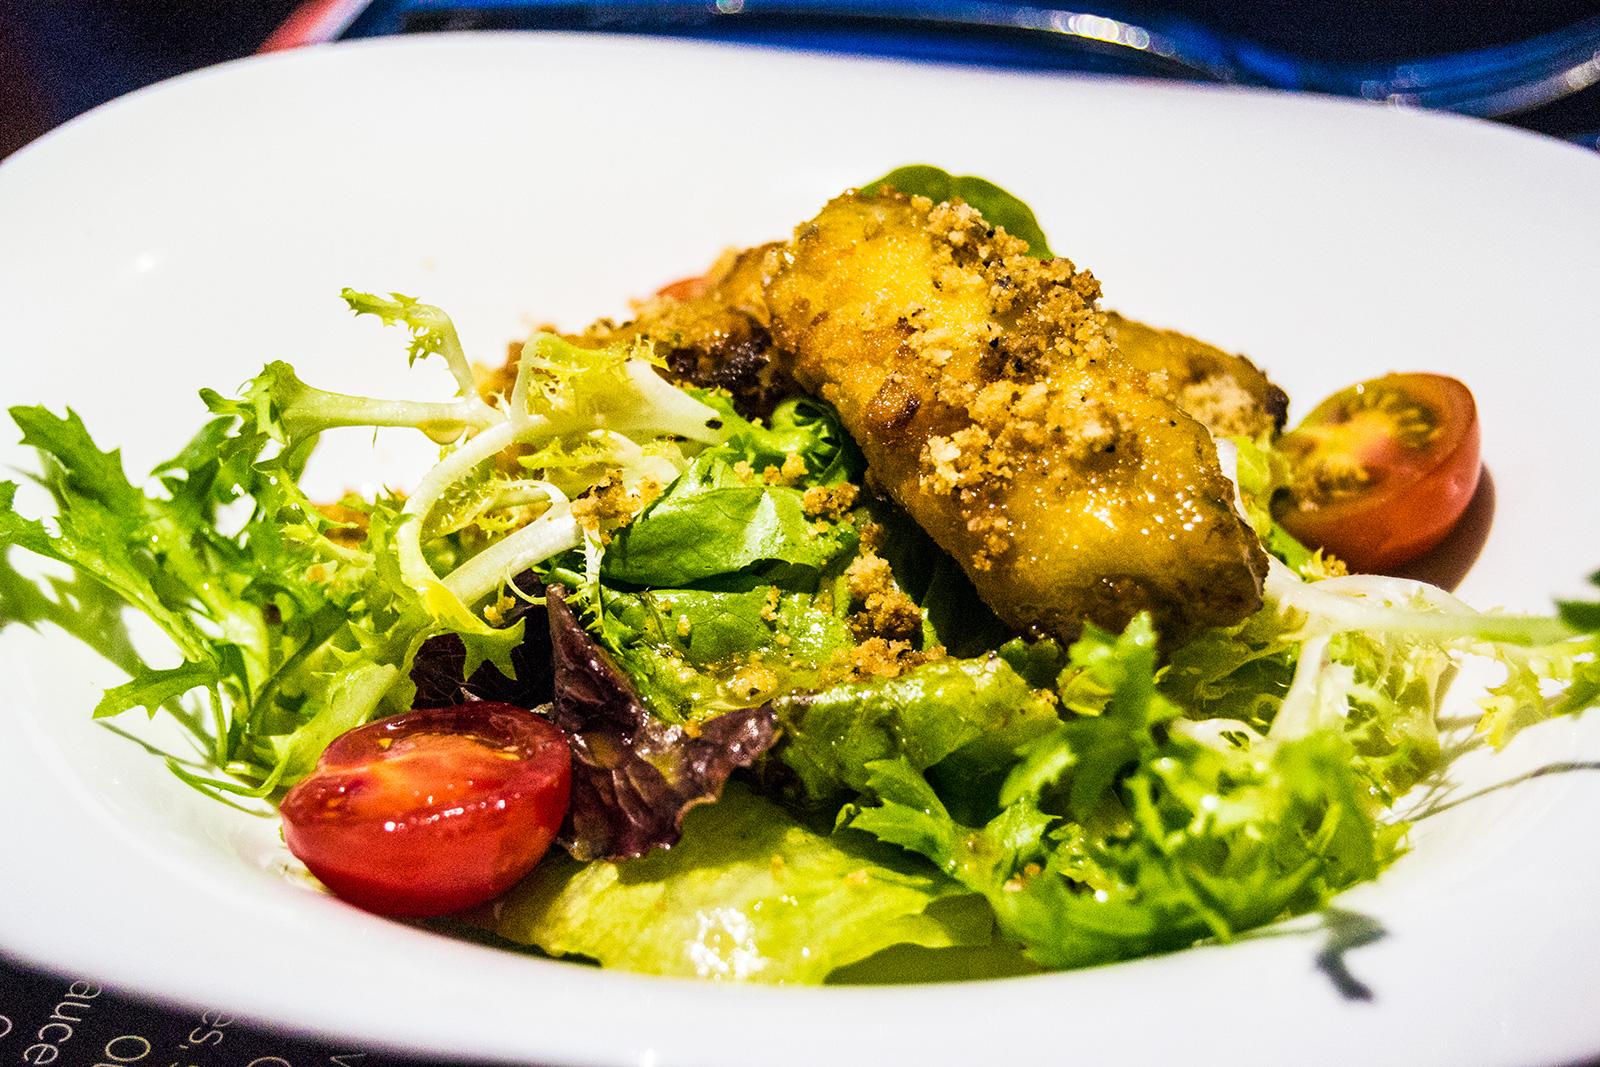 Ensalada con croquetas restaurante Bistr'AU Nimes